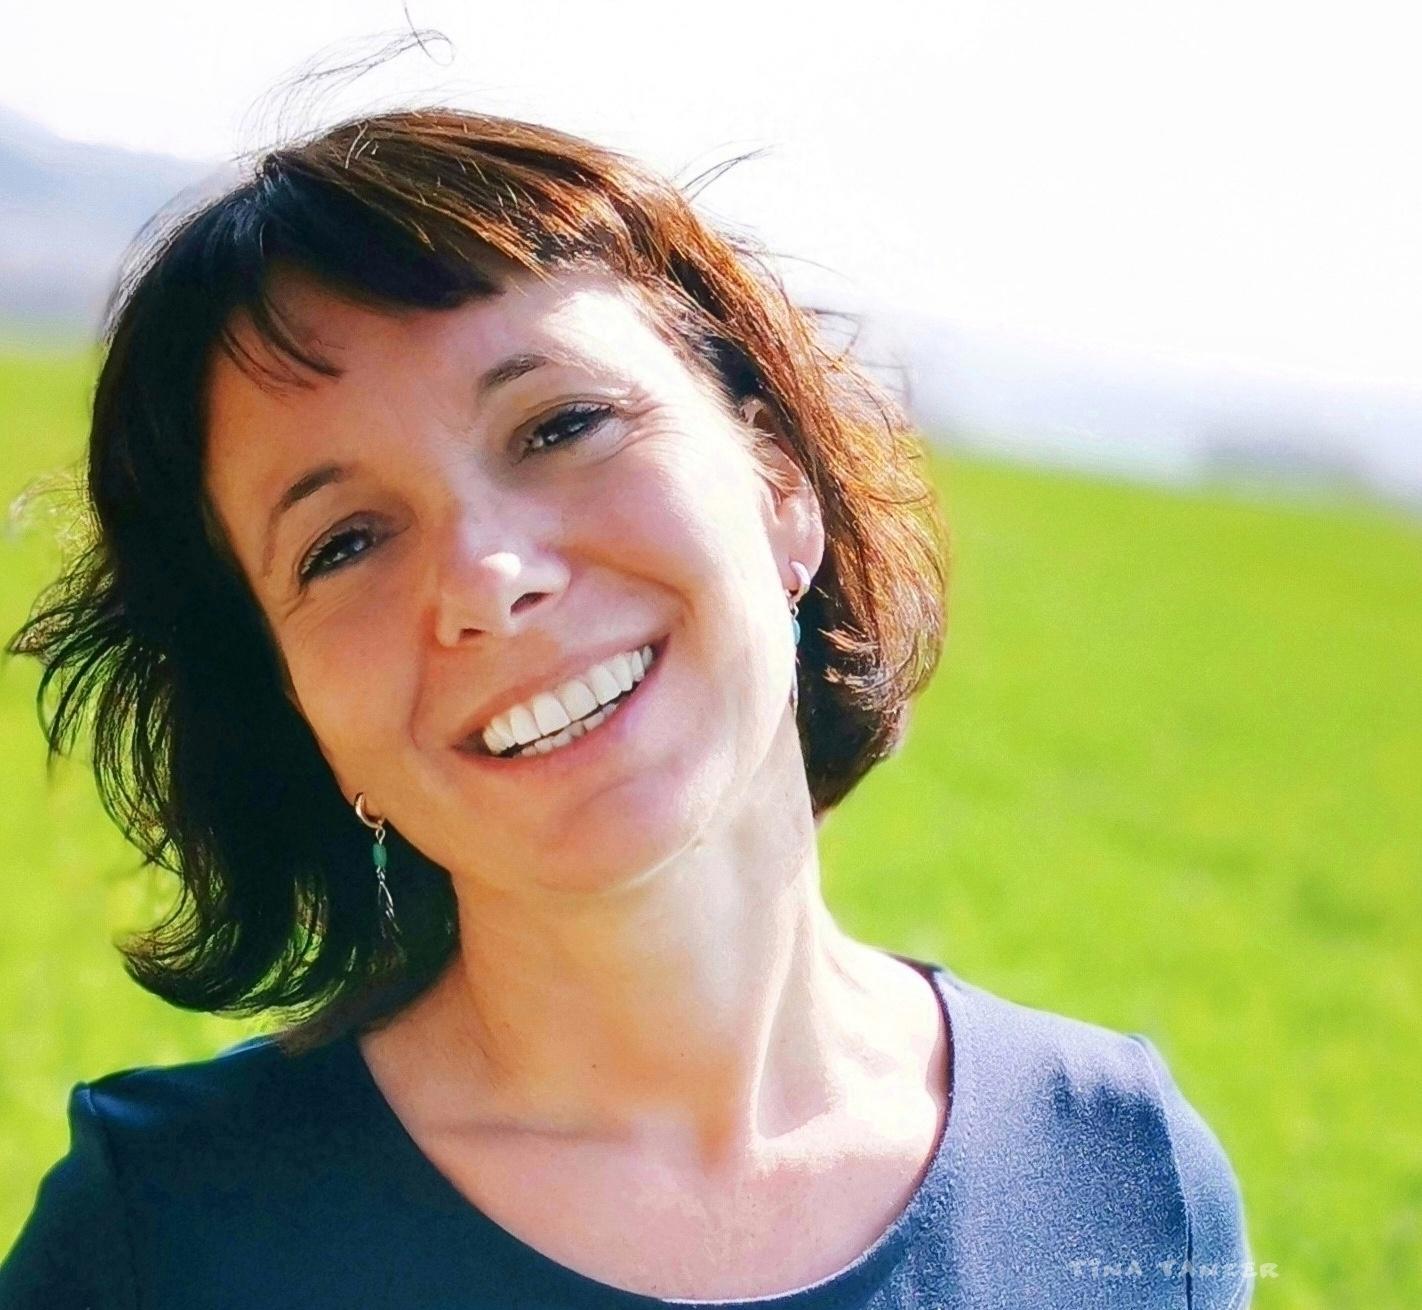 Rosmarie schuster pirklbauer fhgooe ac at 20023